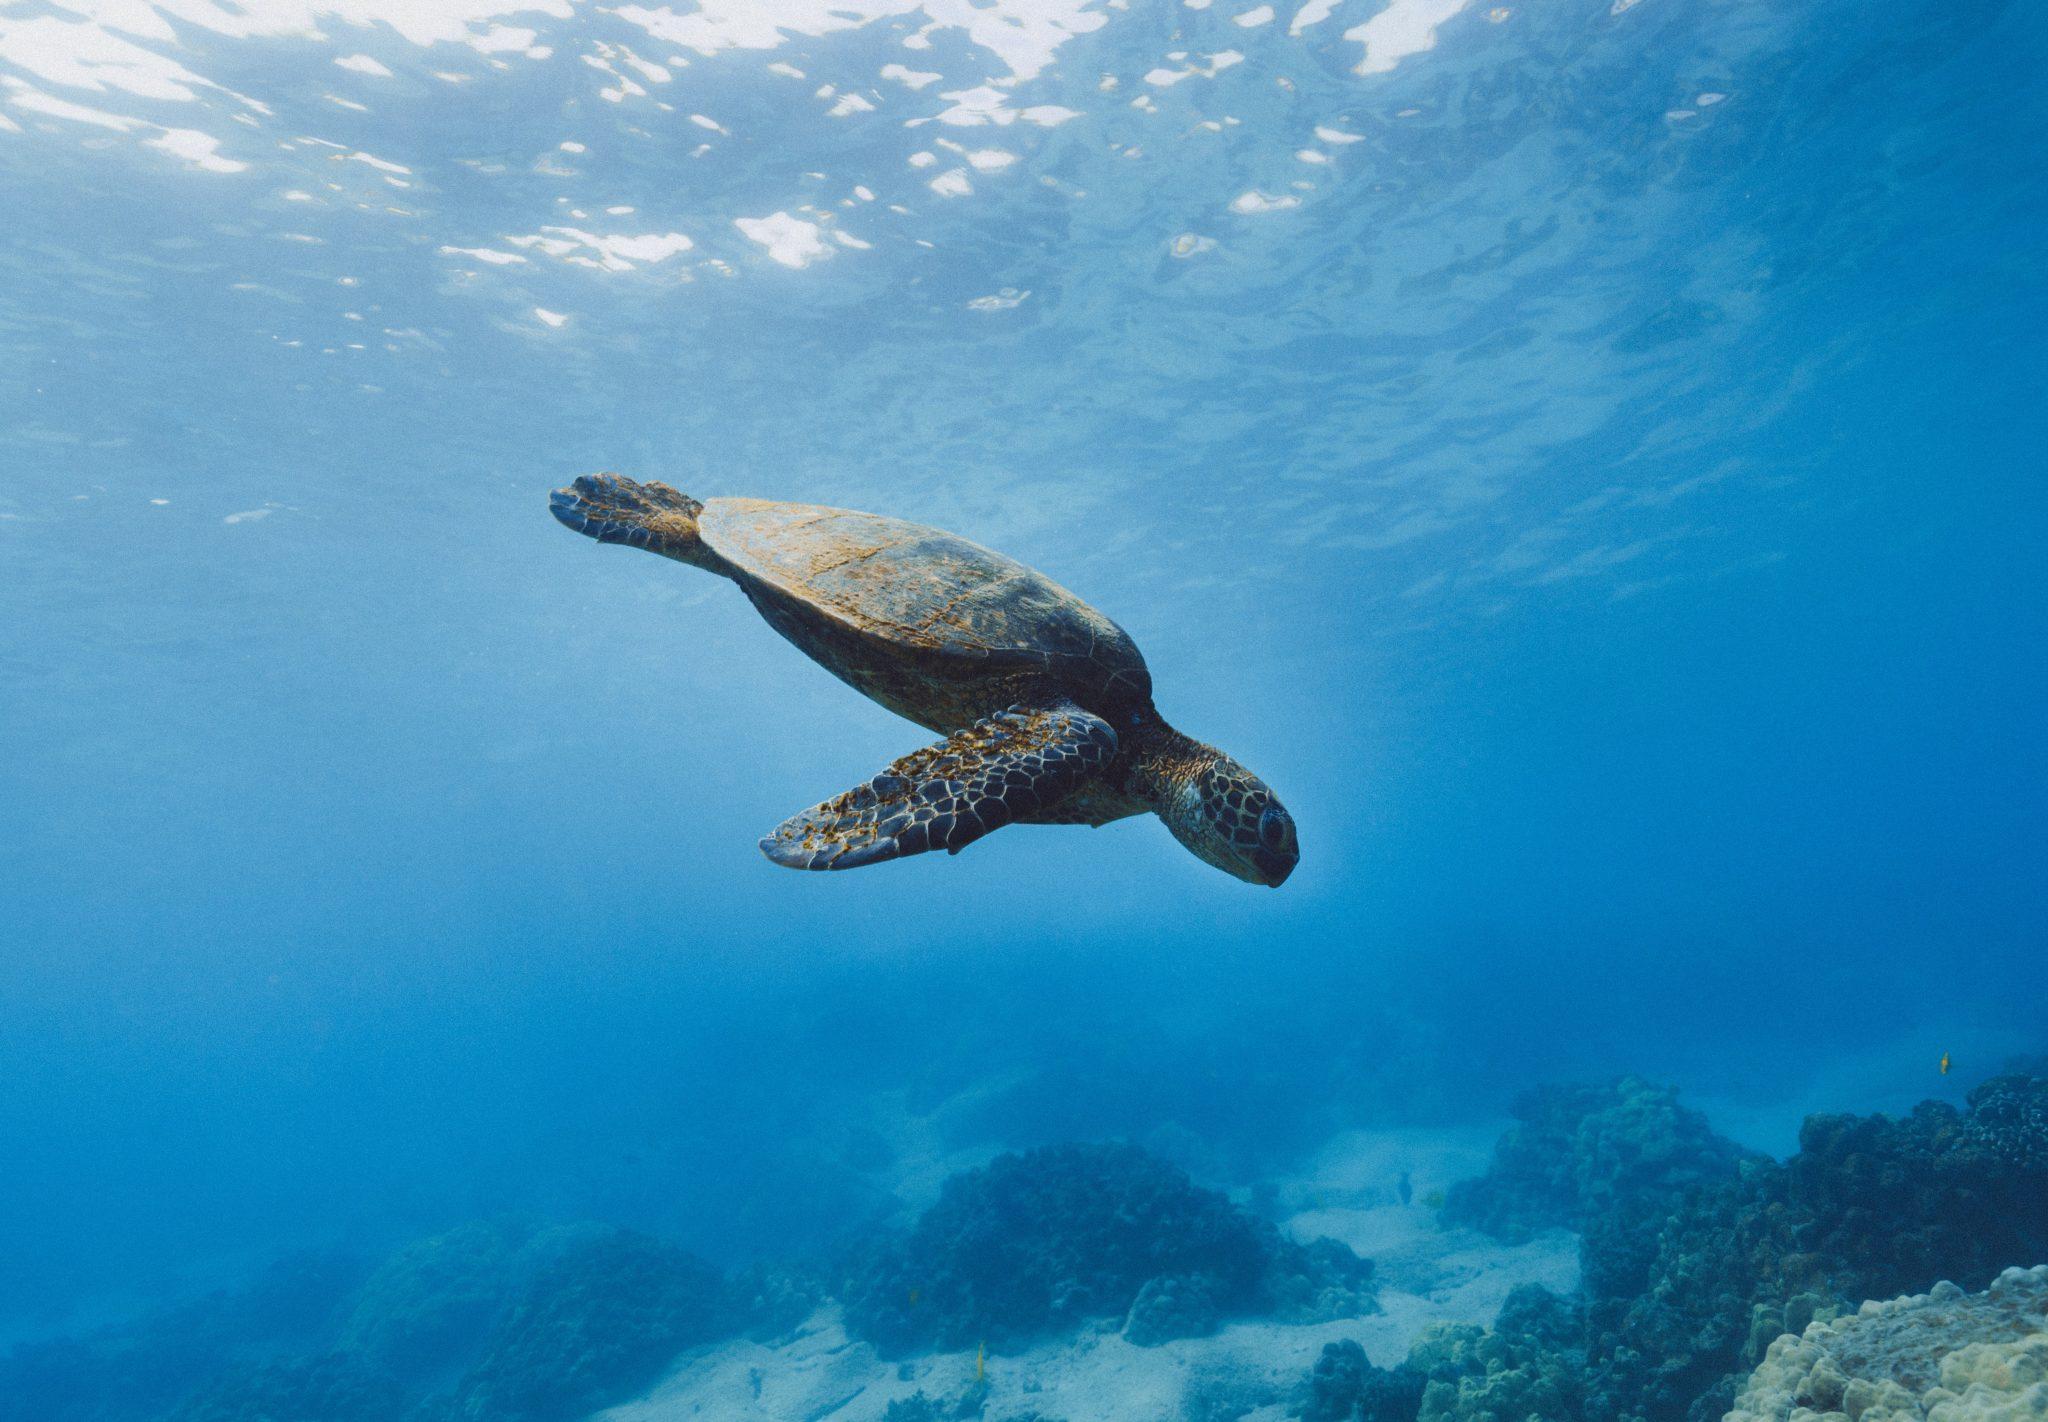 Eine Meeresschildkröte taucht von der Wasseroberfläche nach unten